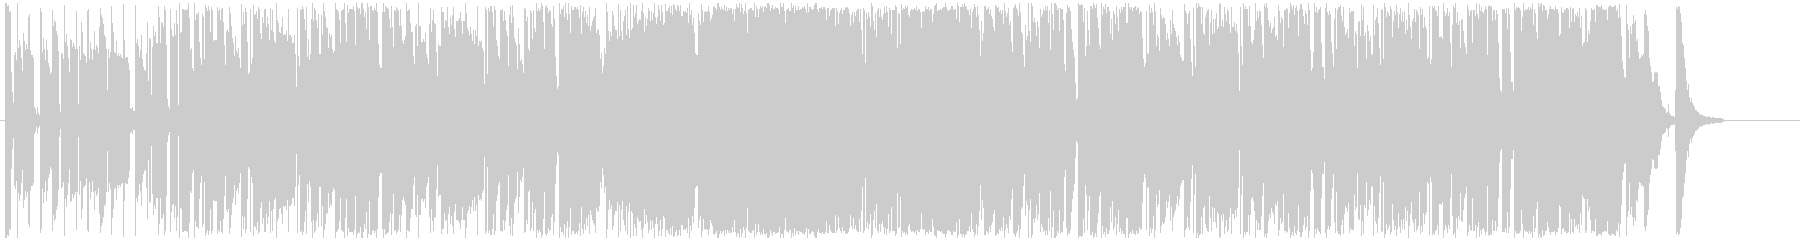 躍動感のあるエネルギッシュなBGMの未再生の波形